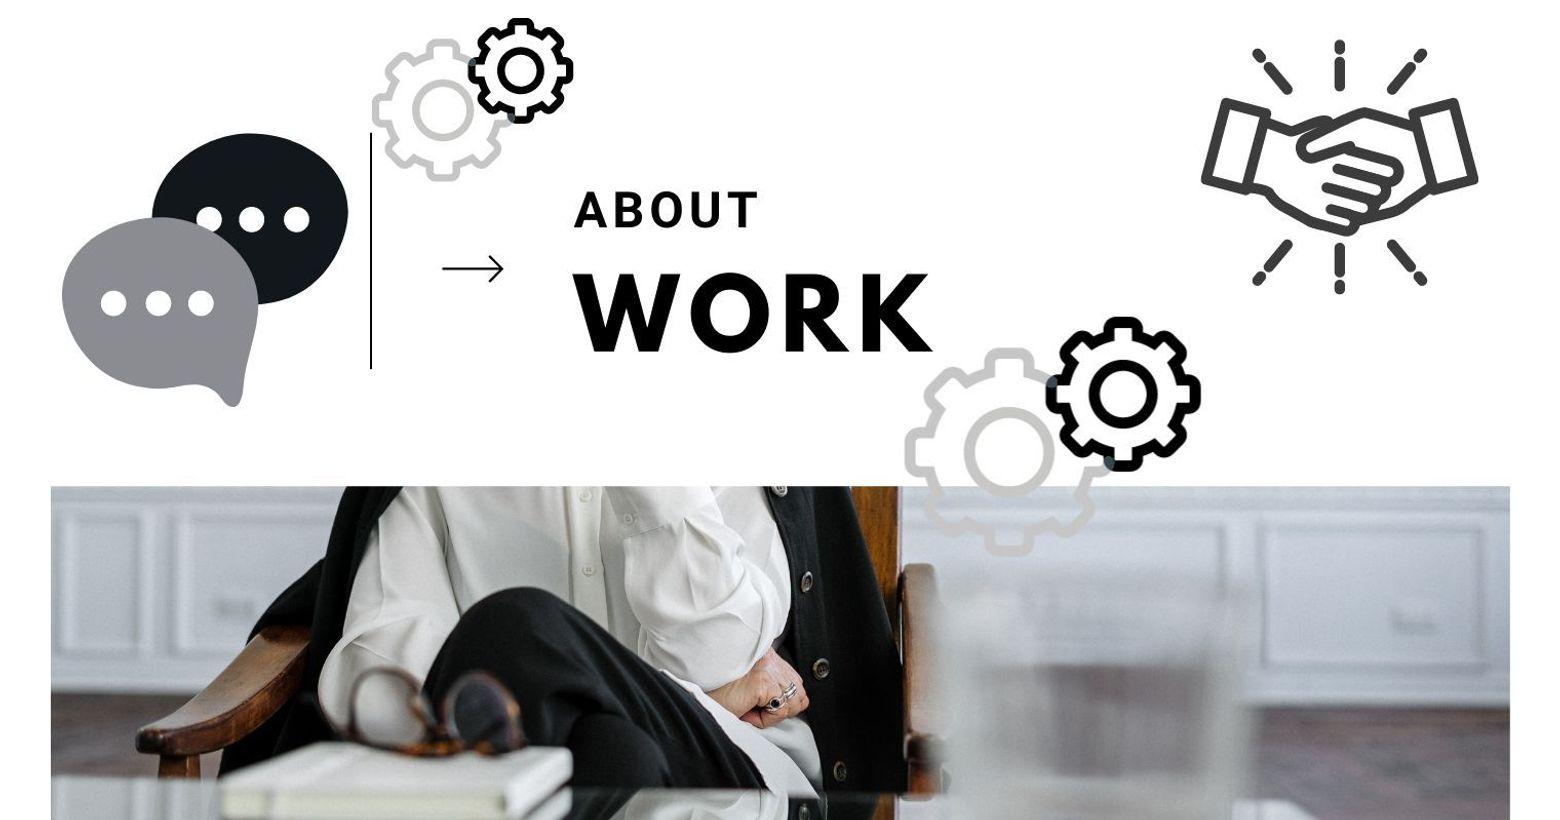 工作議題▾給社會新鮮人/踏入職場的你,該知道的10件事!無論你是職場新鮮人還是資深老鳥在出社會之後慢